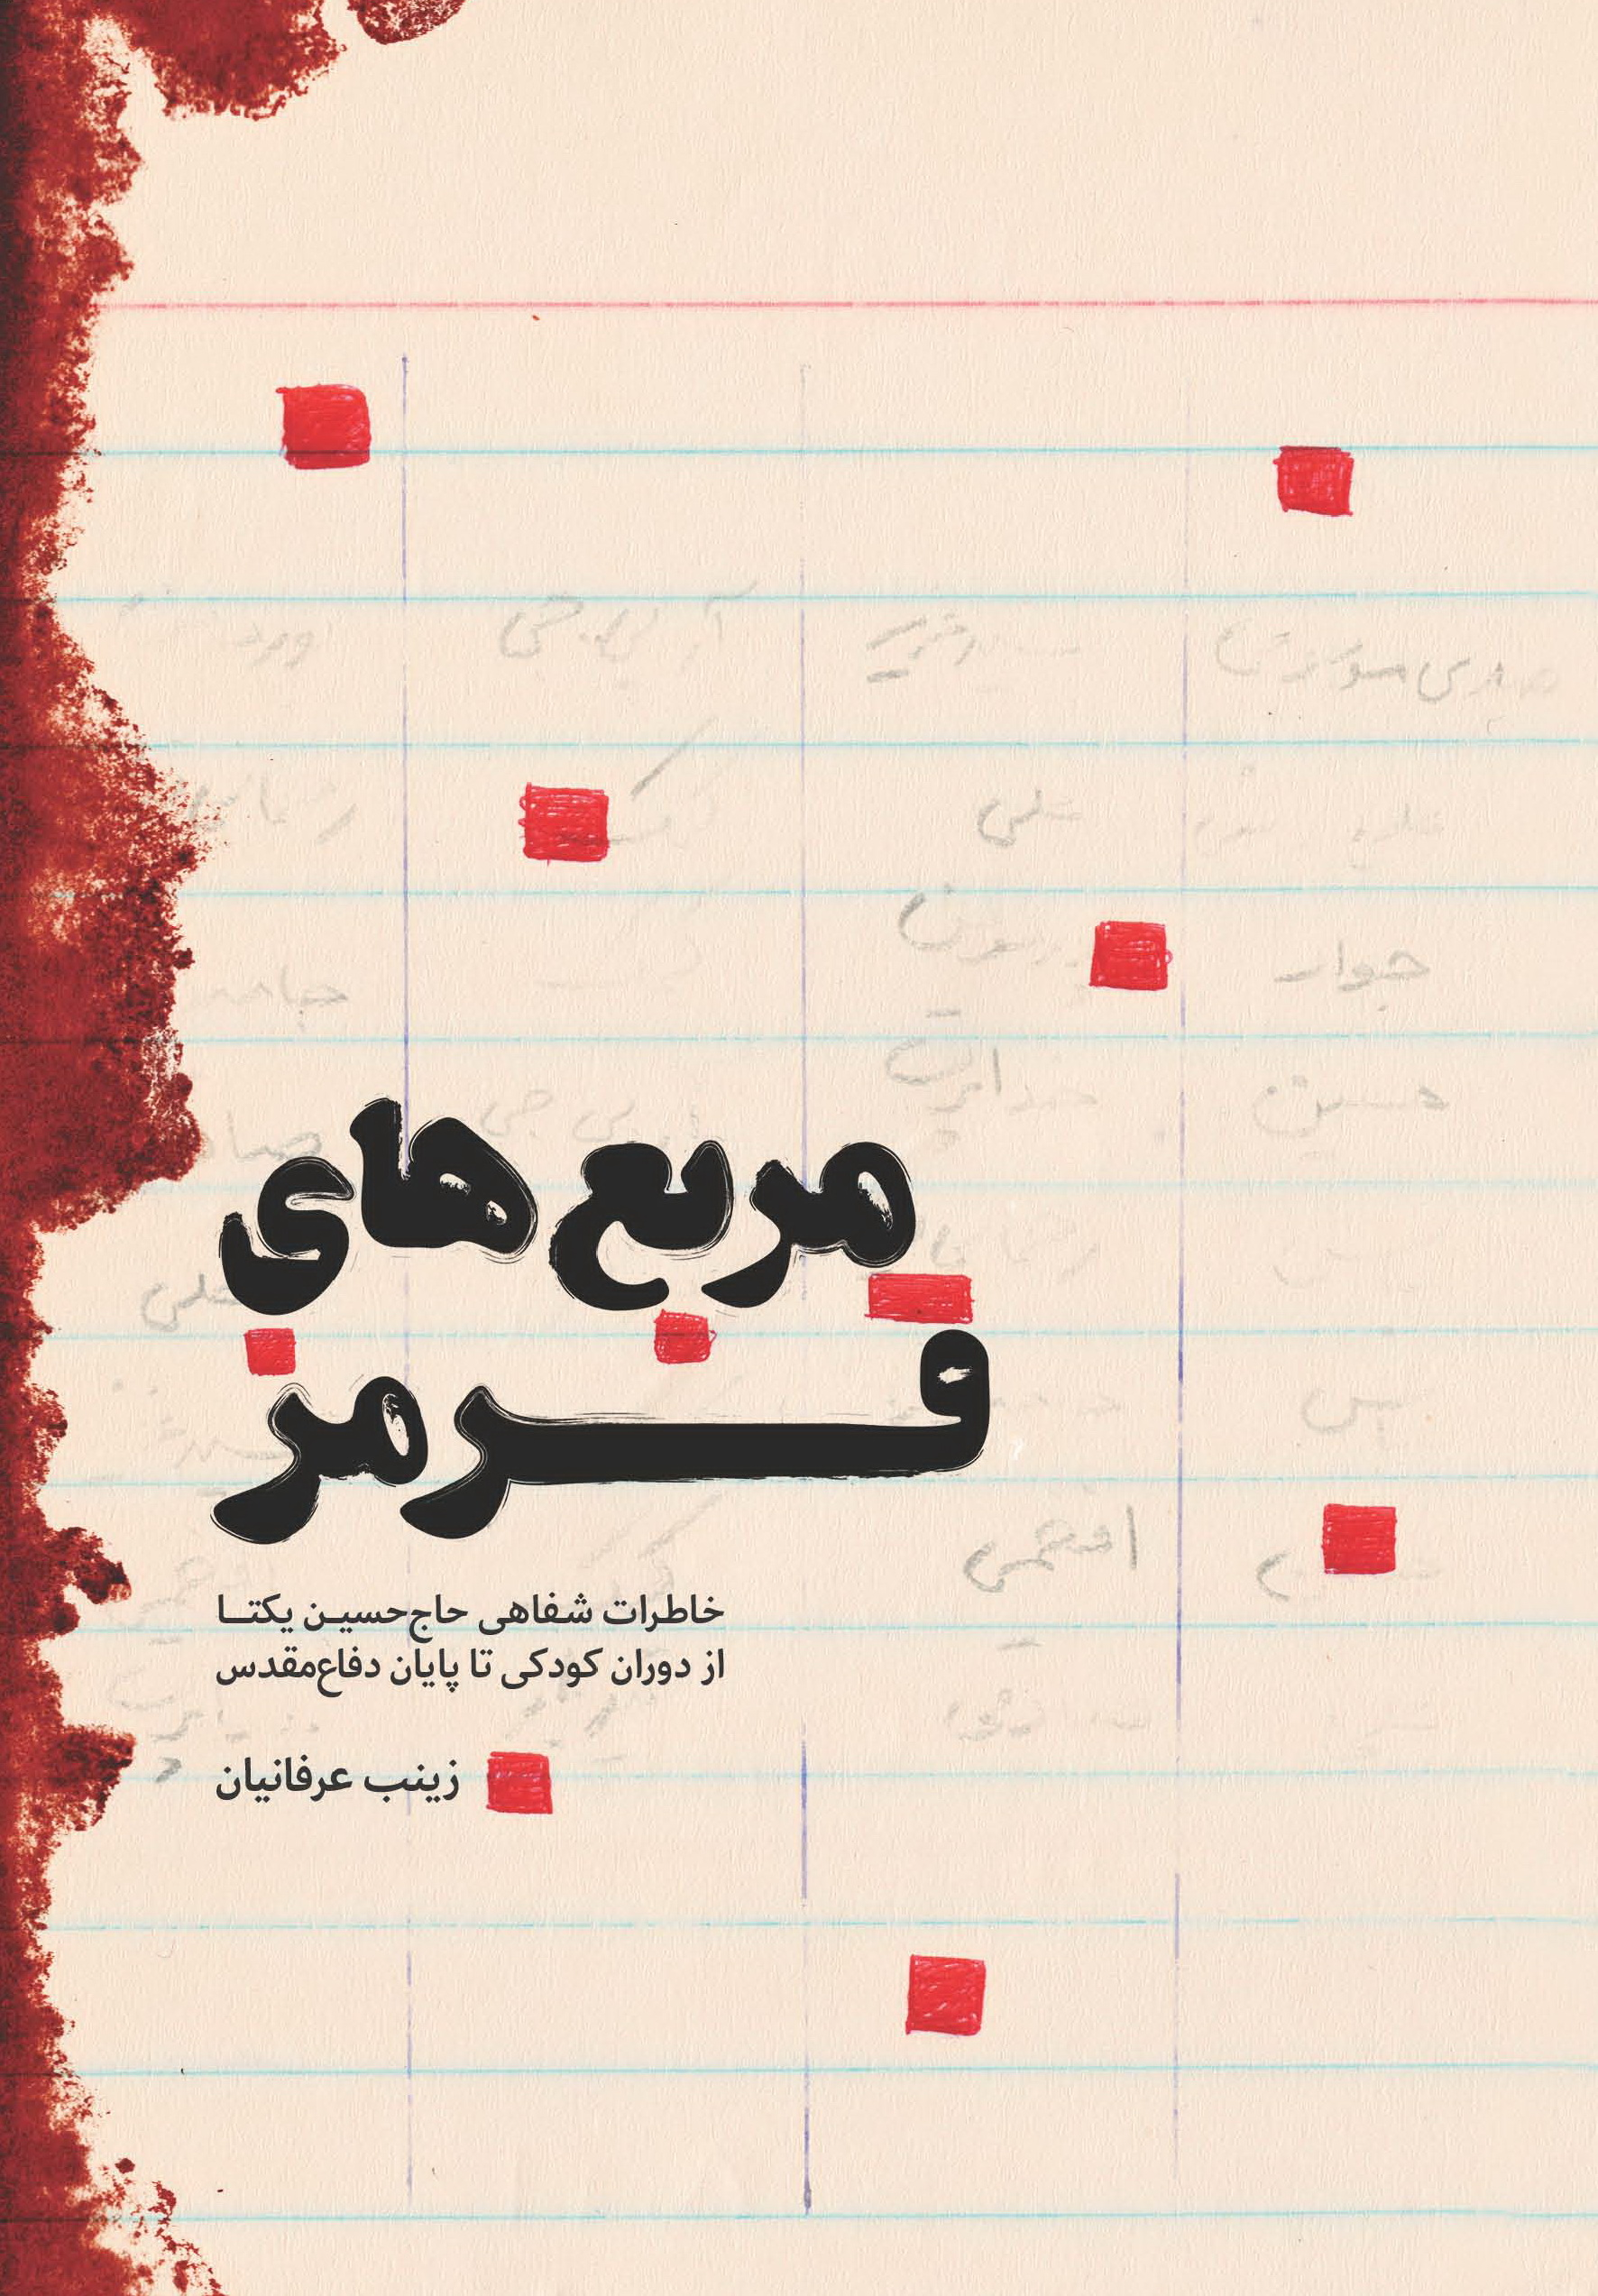 مربع های قرمز/ خاطرات شفاهی حاج حسین یکتا از دوران کودکی تا پایان دفاع مقدس